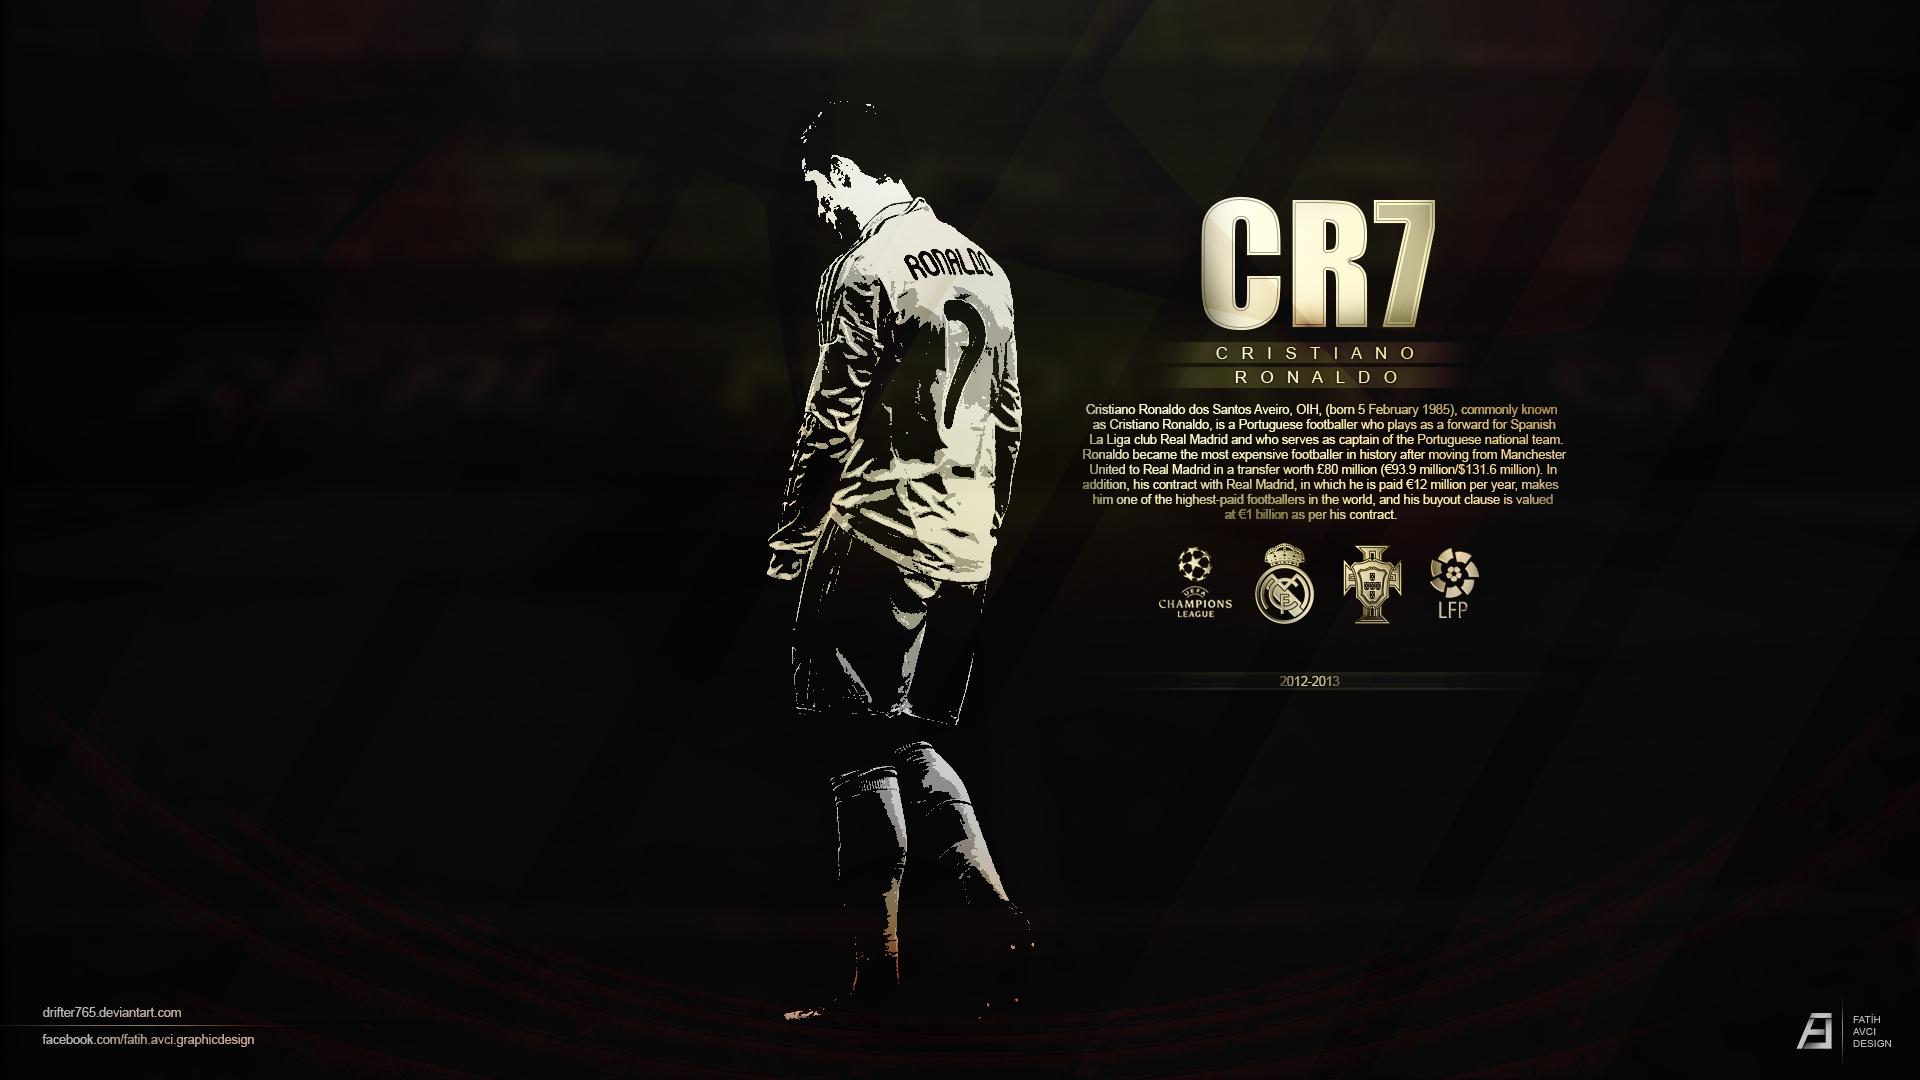 Cristiano Ronaldo by drifter765